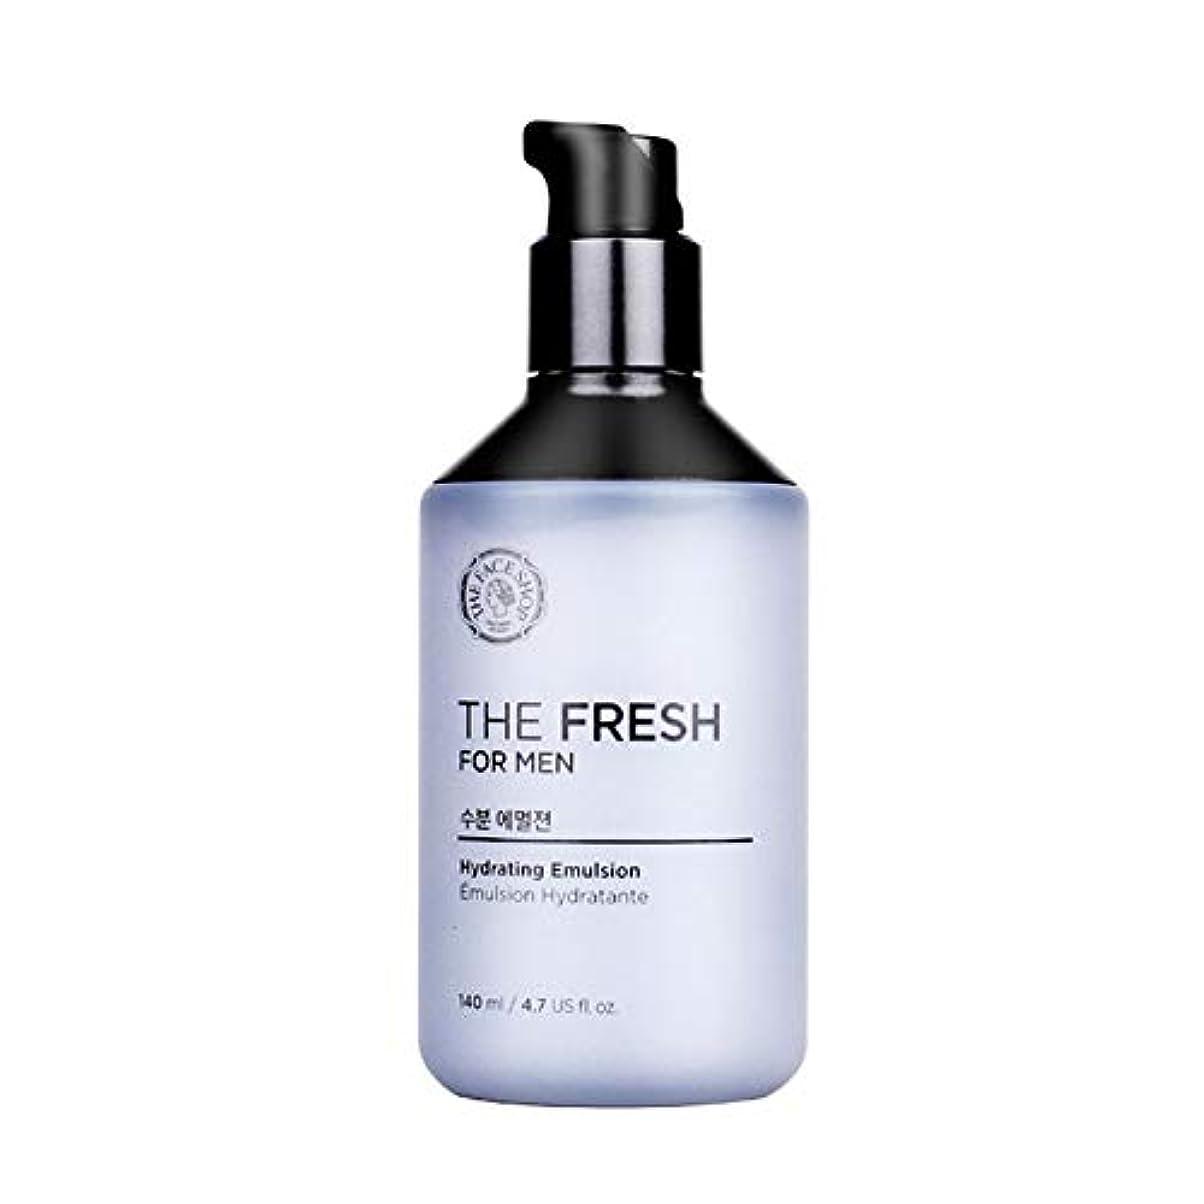 成功した矩形許容ザ?フェイスショップザ?フレッシュフォーマン水分エマルジョン140mlメンズコスメ、The Face Shop The Fresh For Men Hydrating Emulsion 140ml Men's Cosmetics [並行輸入品]